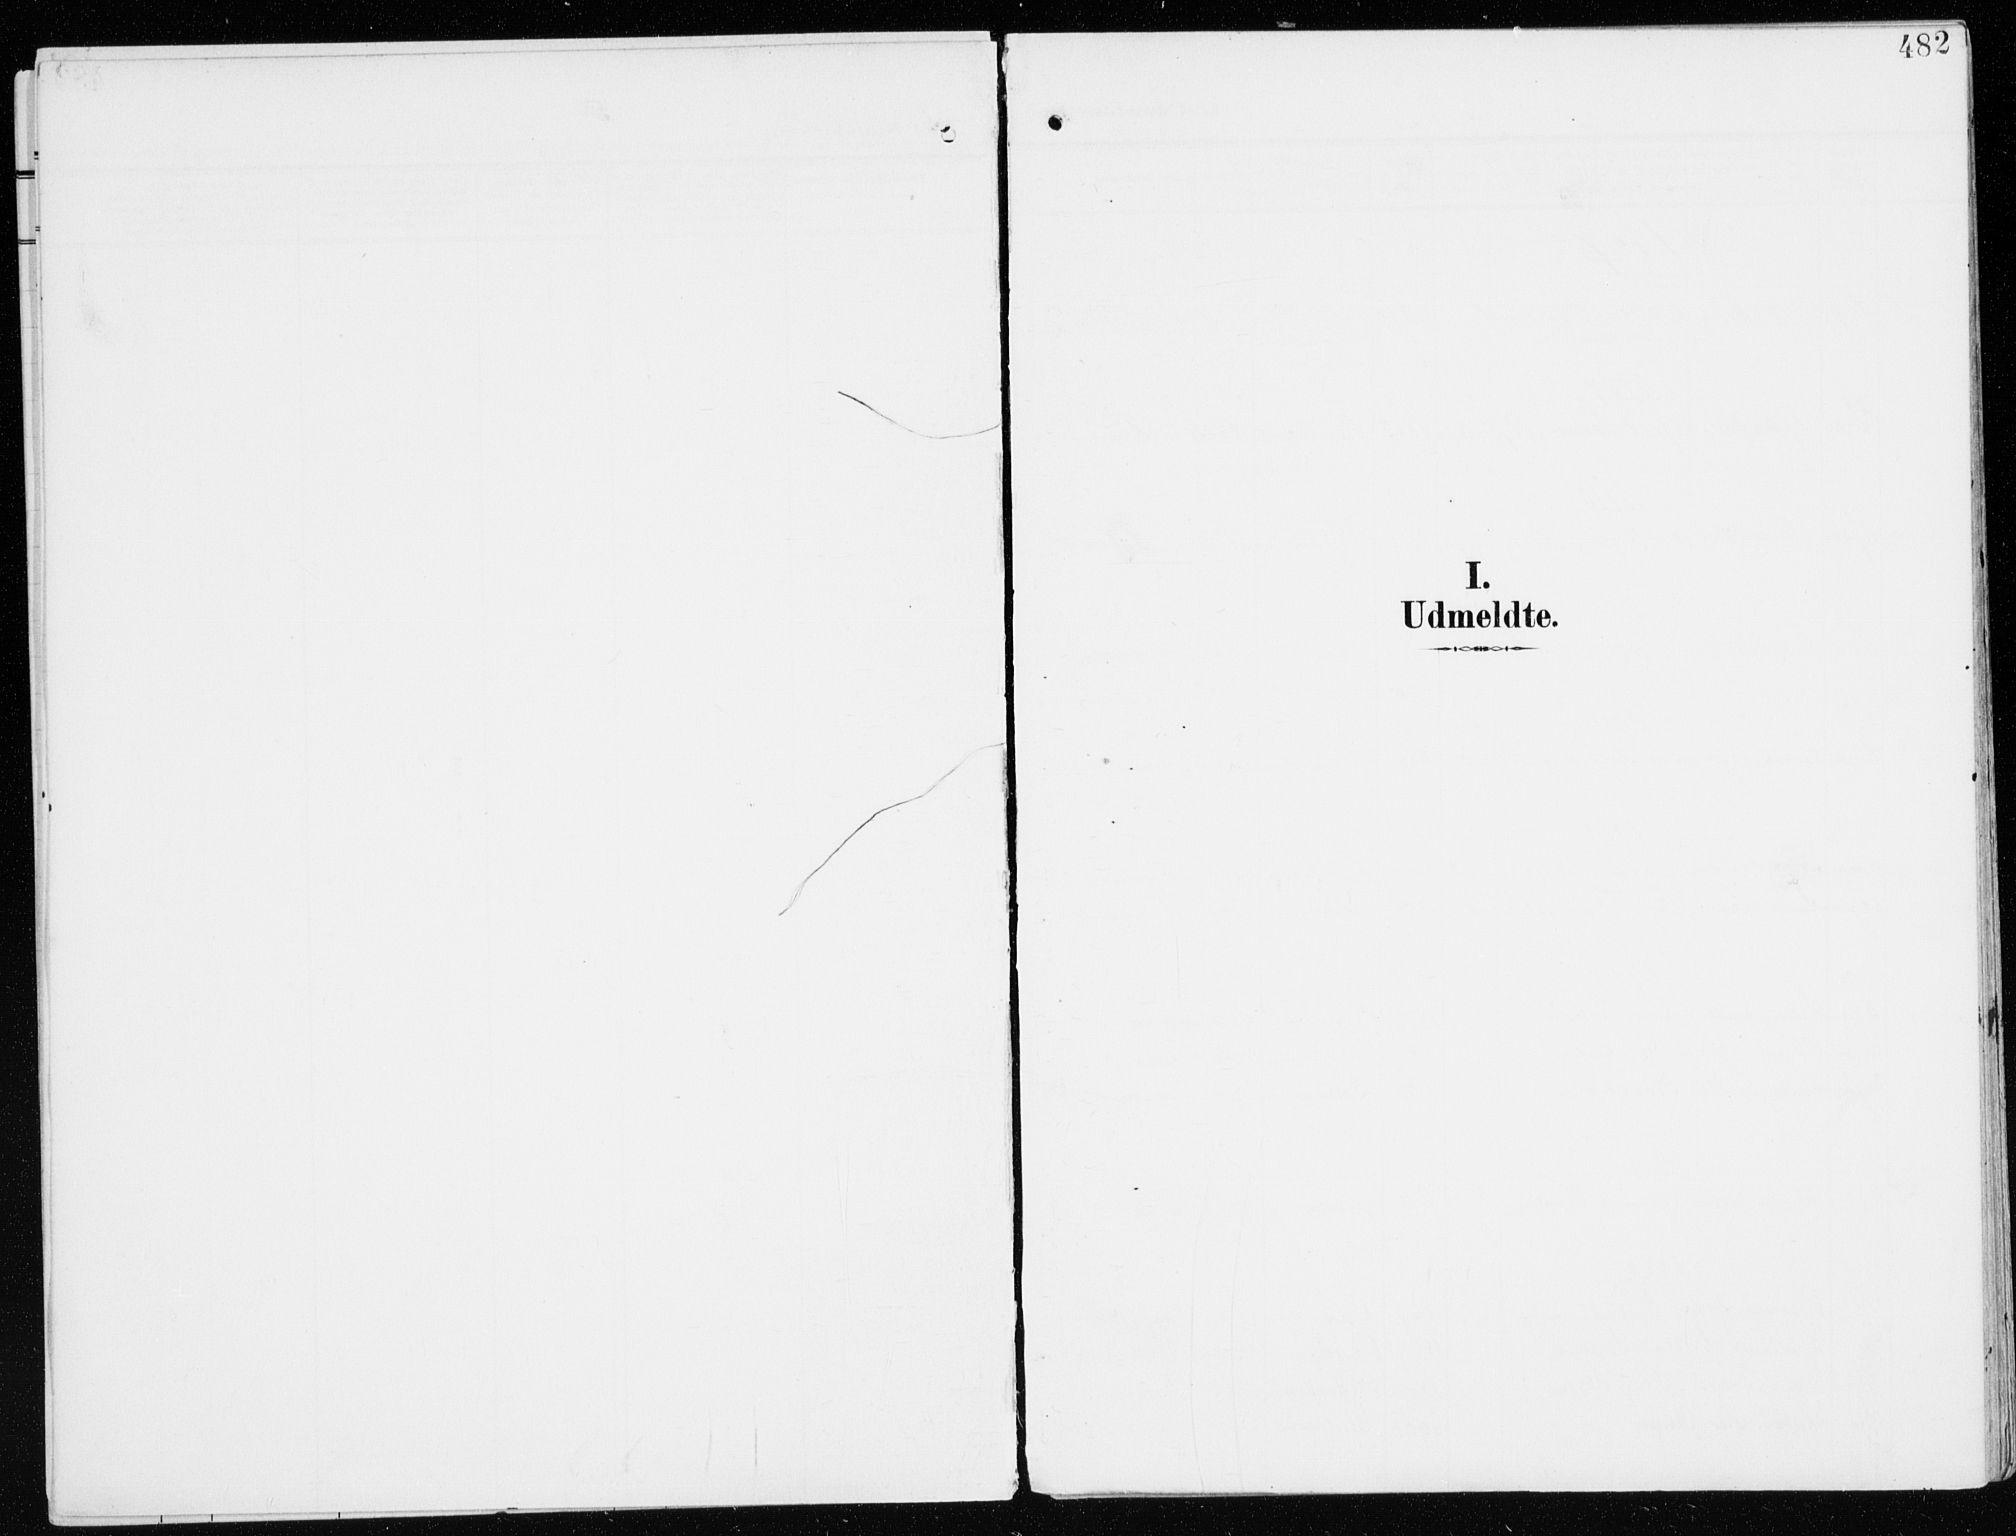 SAH, Furnes sokneprestkontor, K/Ka/L0001: Ministerialbok nr. 1, 1907-1935, s. 482